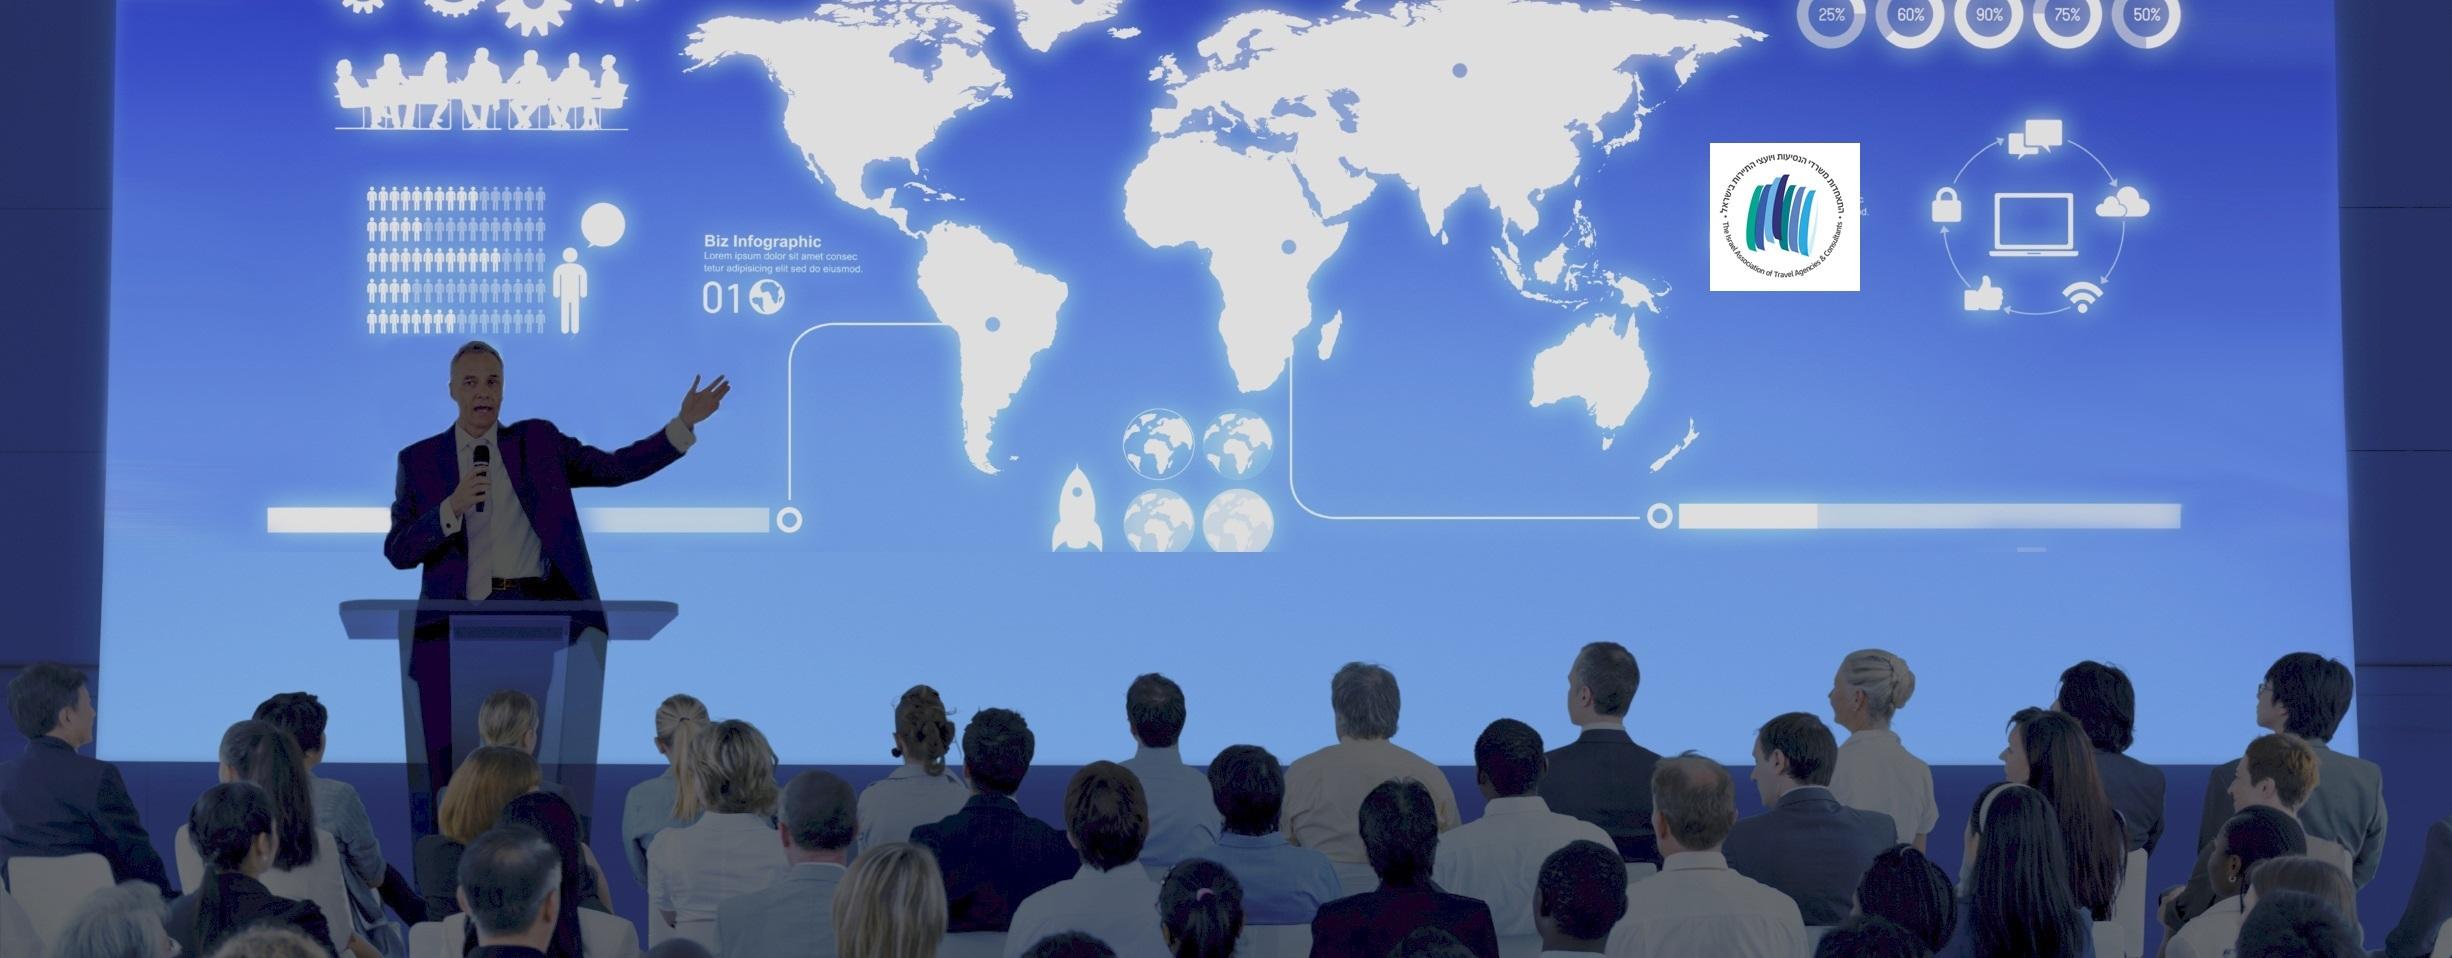 היום ייפתח קורס סוכני נסיעות/יועצי תיירות של ההתאחדות ומשרד התיירות